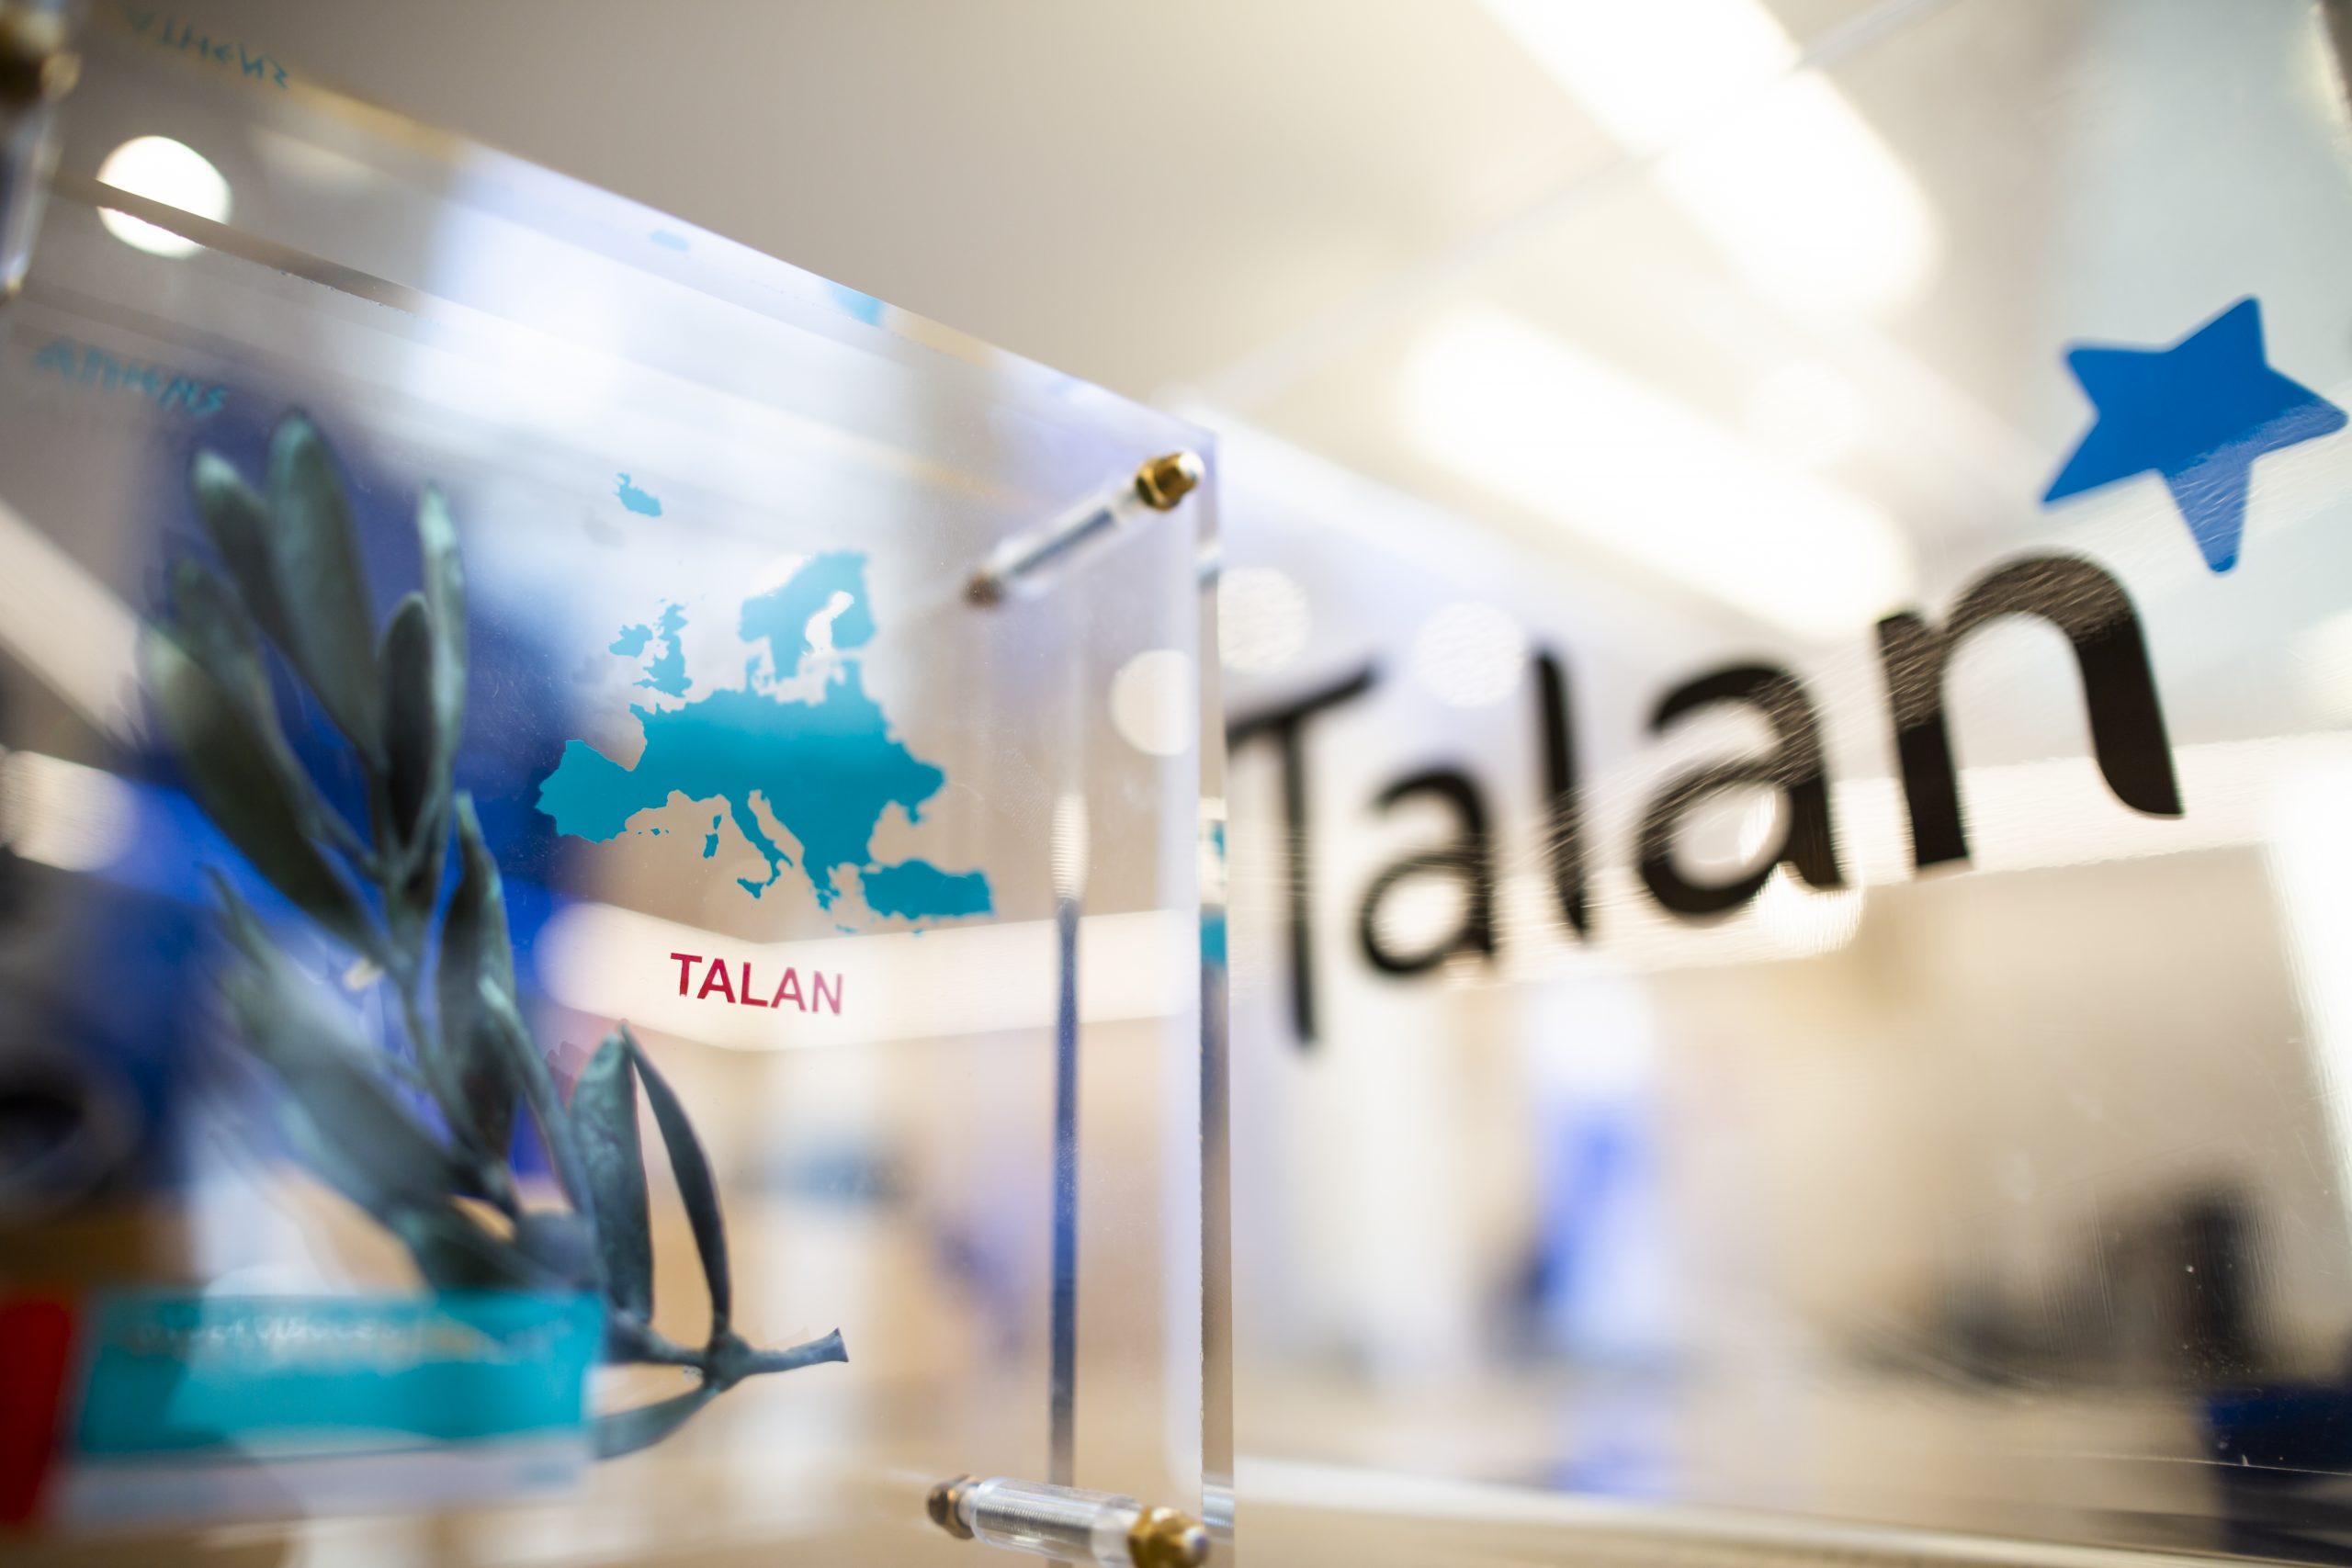 Entrevista a Talan